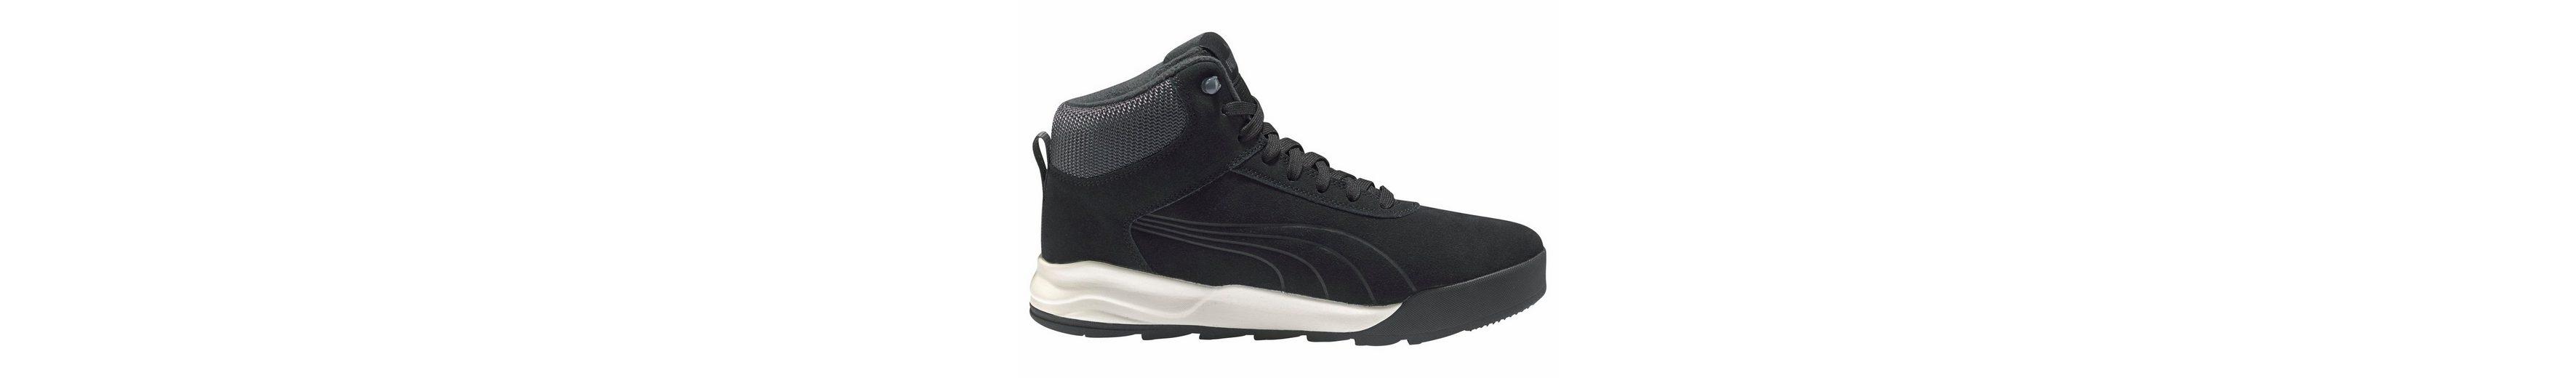 Freies Verschiffen 2018 Billig Besuch Neu PUMA Desierto Sneaker Sneaker Authentischer Online-Verkauf wkl8EQ7Po